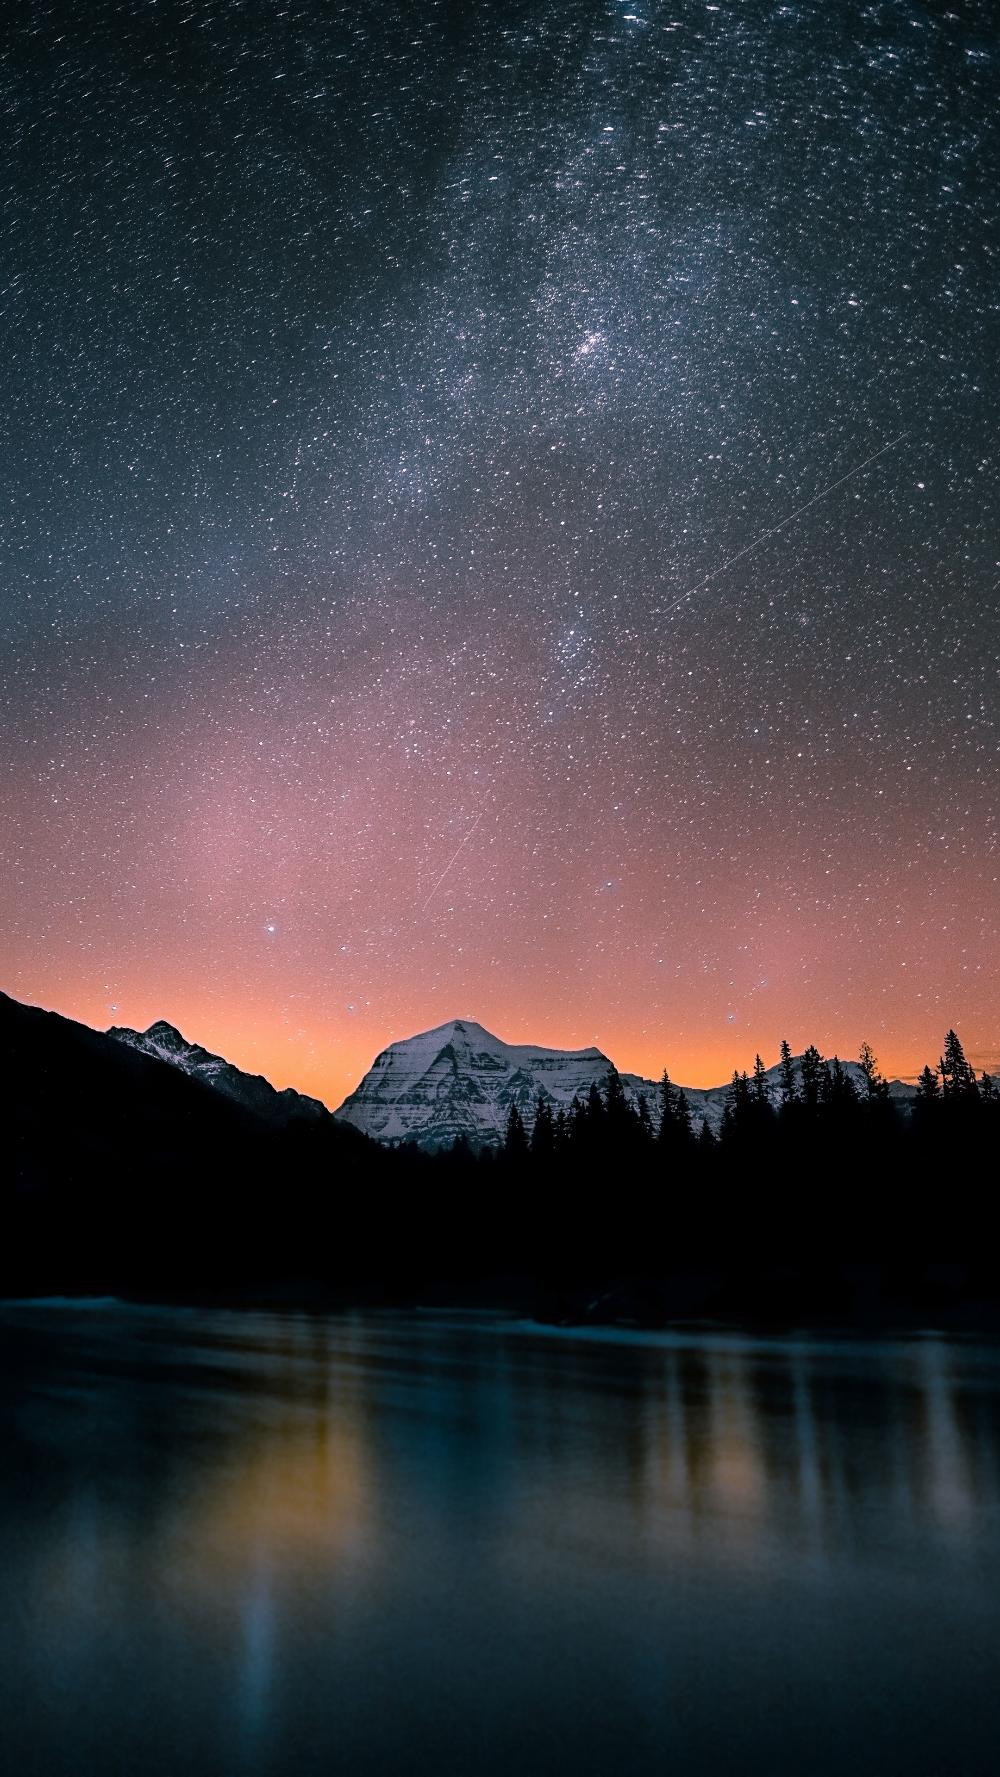 2160x3840 Night Mountain Top Lake Nature Wallpaper Nature Wallpaper Starry Night Wallpaper Scenery